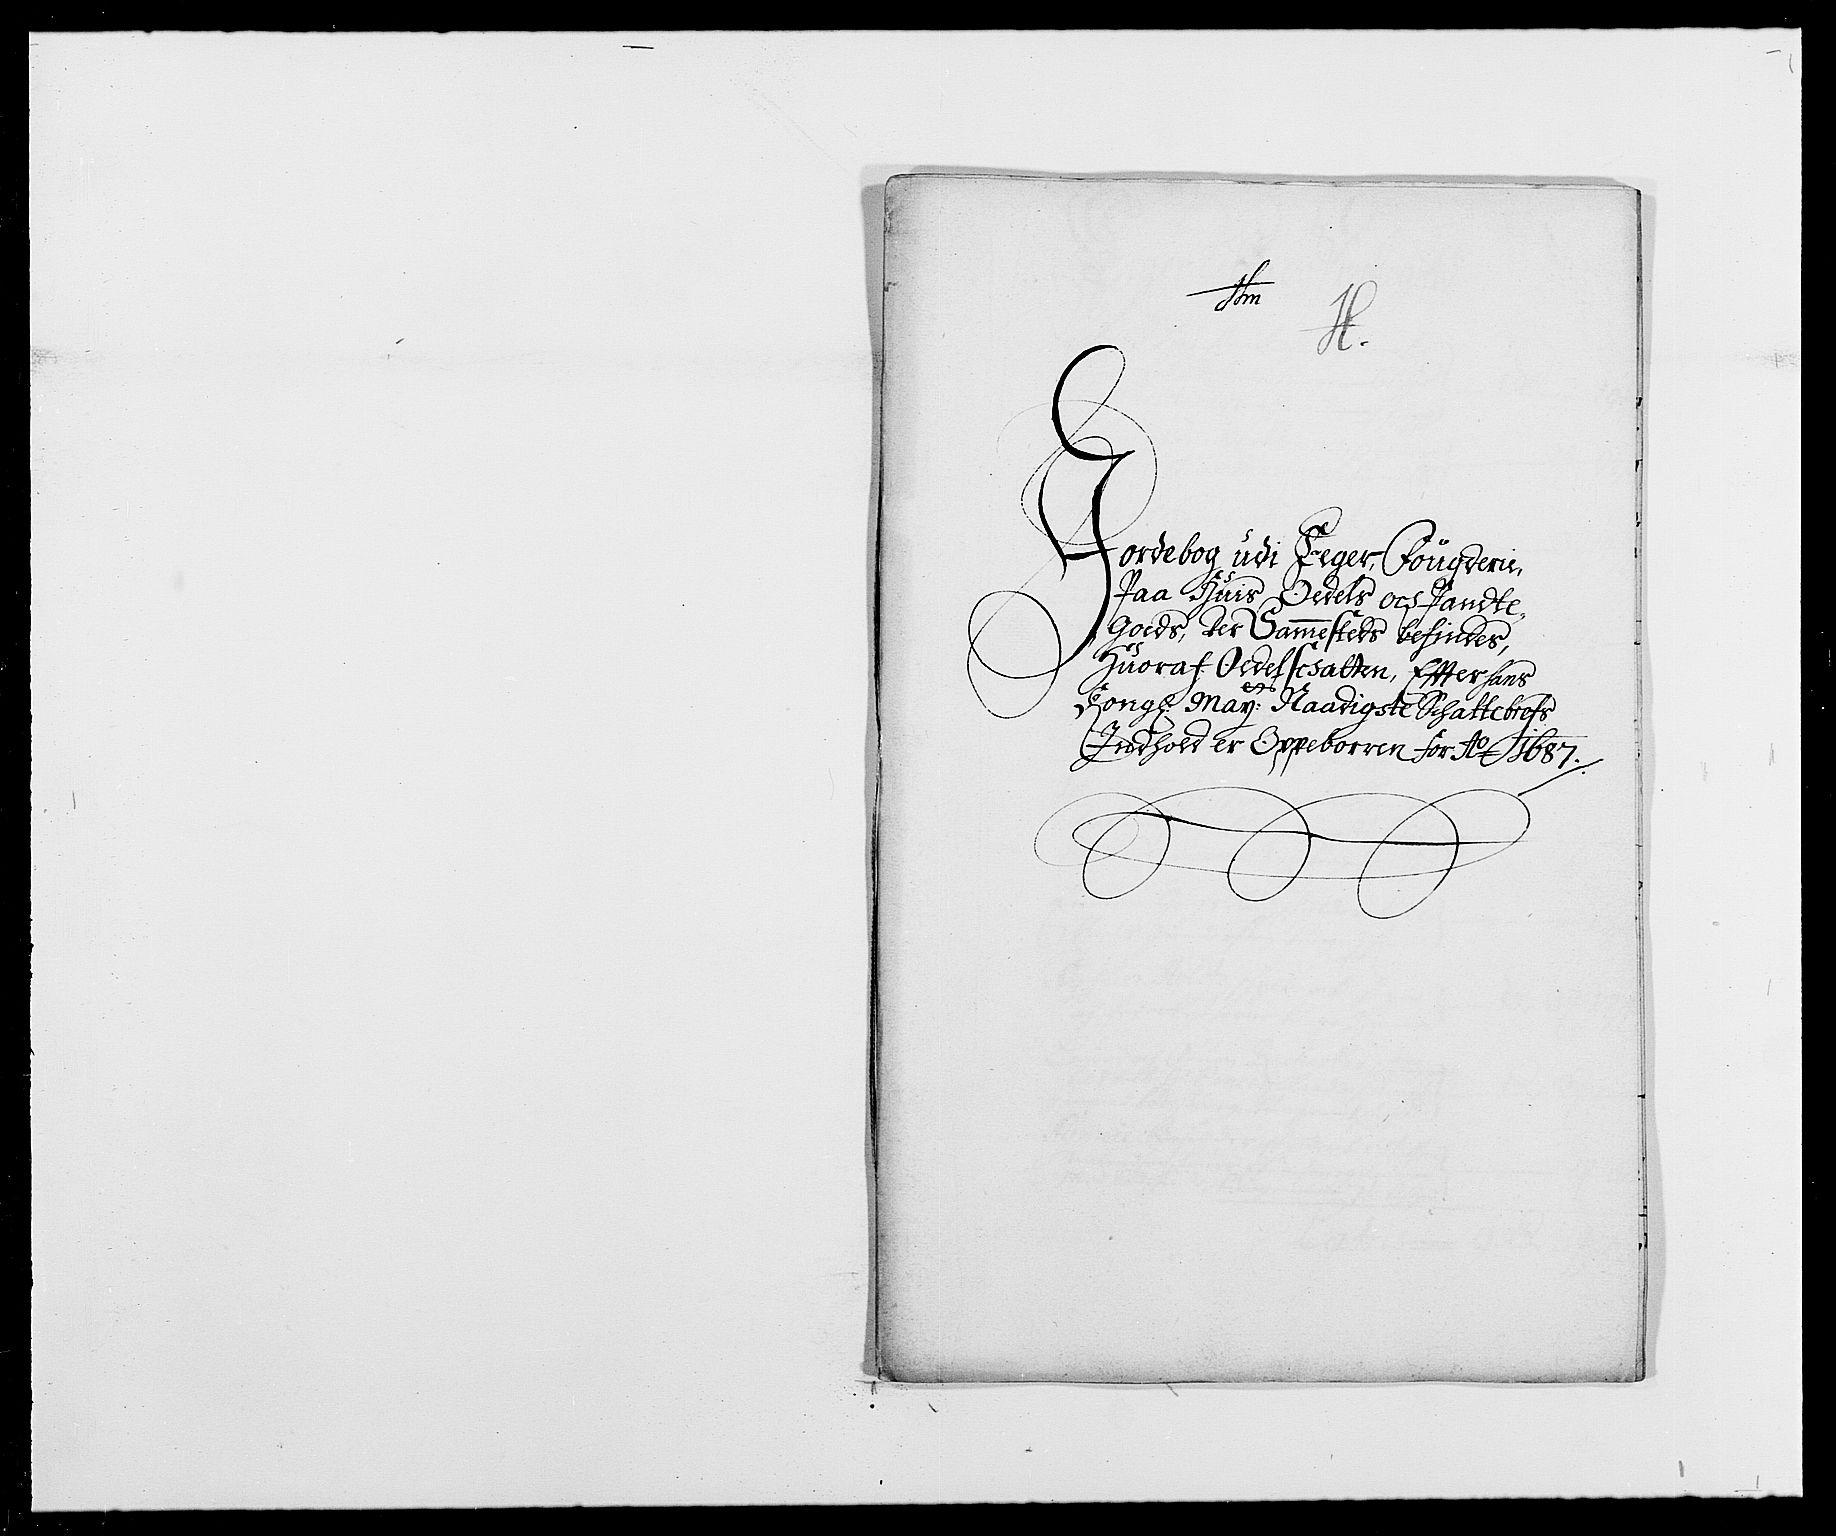 RA, Rentekammeret inntil 1814, Reviderte regnskaper, Fogderegnskap, R28/L1688: Fogderegnskap Eiker og Lier, 1687-1689, s. 102